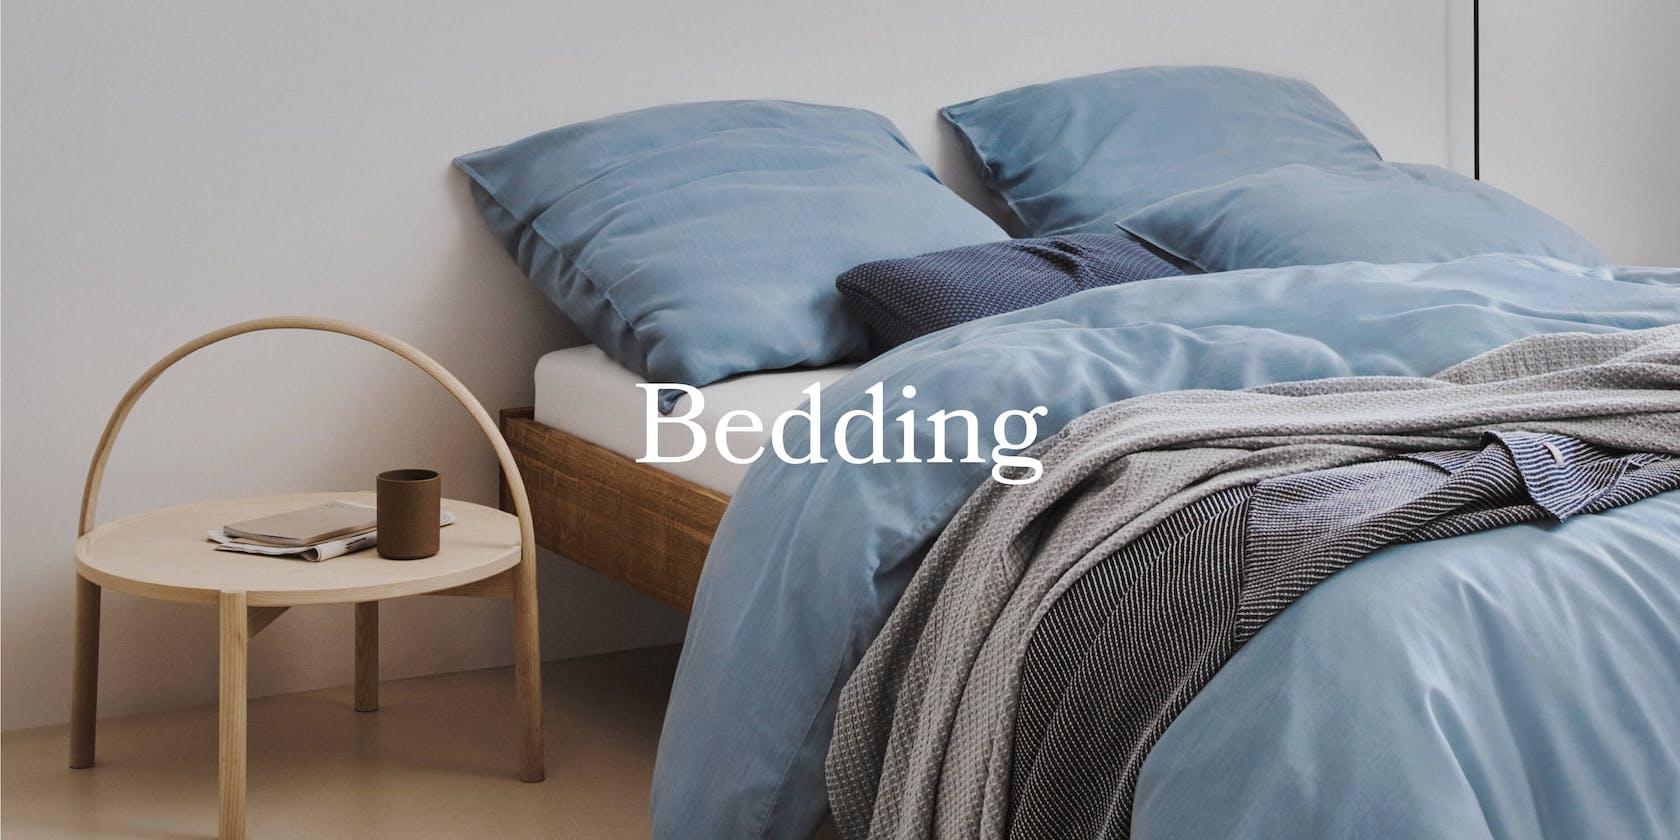 MARC O'POLO Bed linen